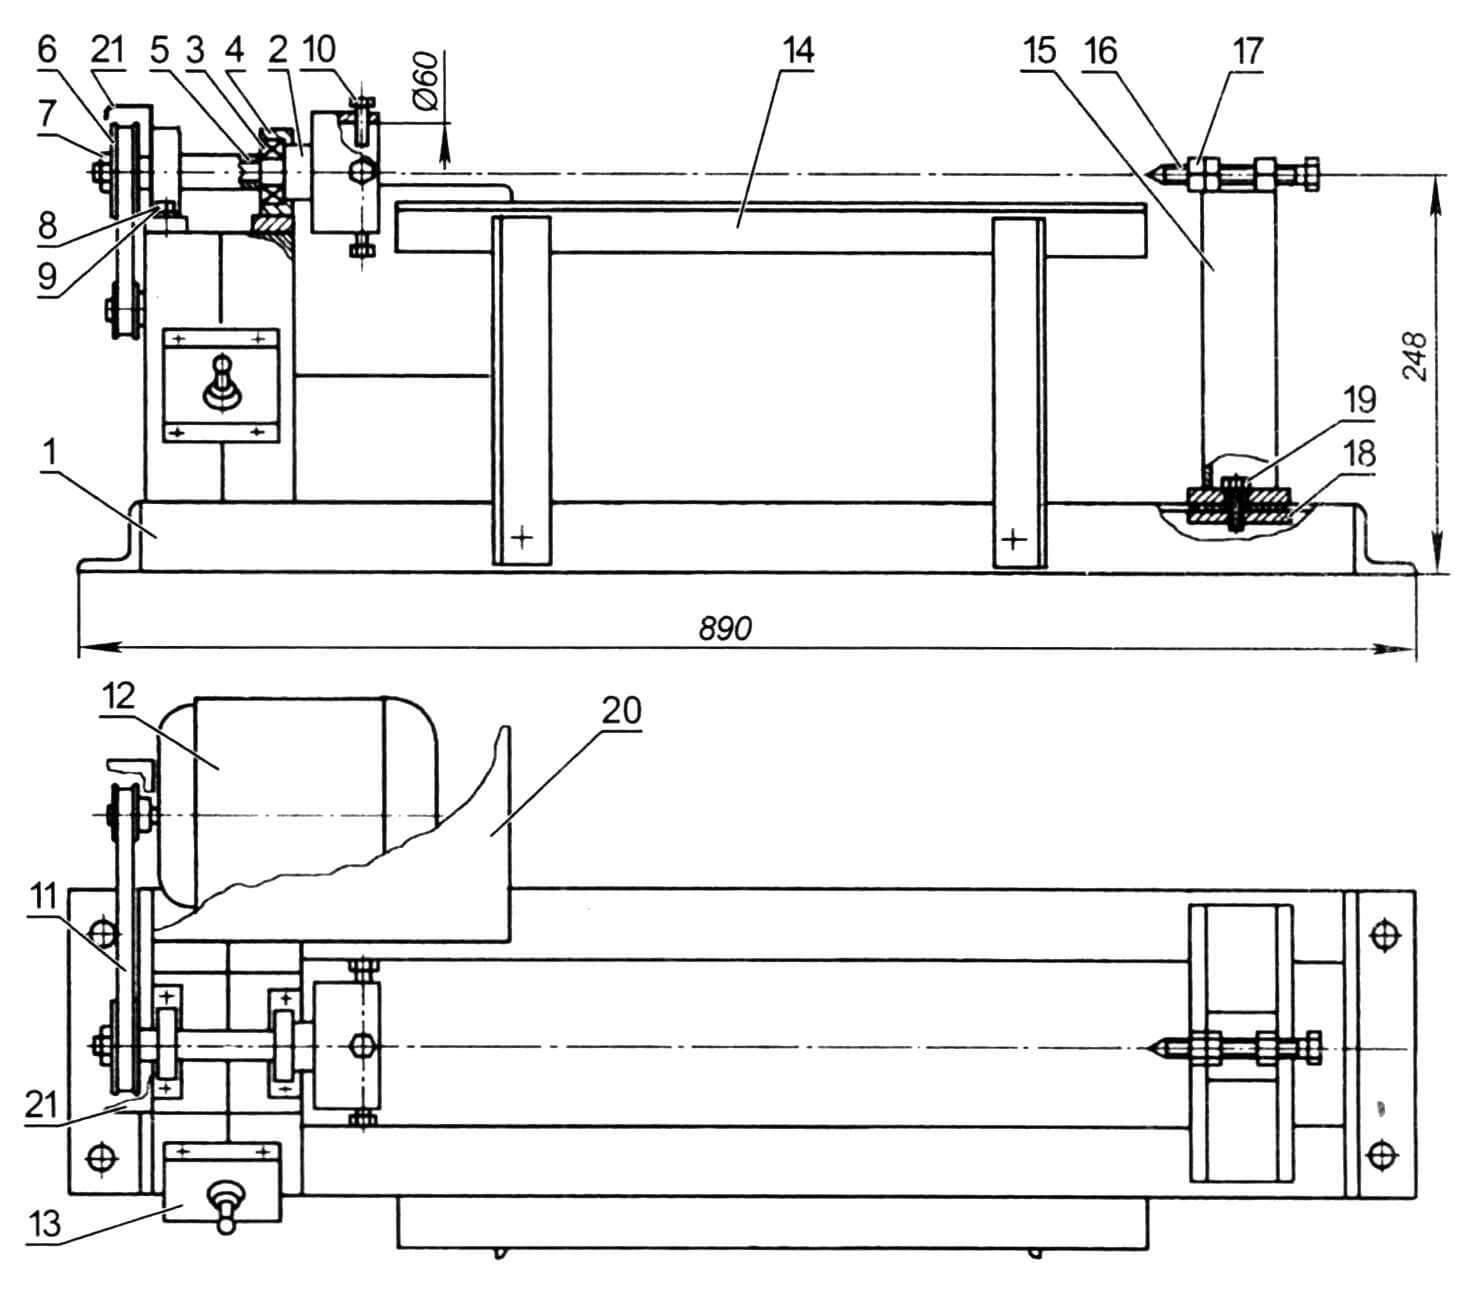 Самодельный токарный станок по дереву: 1 - станина (стальной уголок 45x45 мм); 2 - шпиндель с патроном; 3 - шарикоподшипник 203 (2 шт.); 4 - корпус подшипников (2 шт.); 5 - распорная втулка; 6 - шкив; 7 - гайка M12; 8 - болты М8х18 (4 шт.); 9 - пружинные шайбы (4 шт.); 10 - кулачки (болты М8х40; 4 шт.); 11 - клиновой ремень А500; 12-приводной электродвигатель; 13-пульт управления; 14-упор для инструмента (стальной уголок 45x45 мм); 15 - задняя бабка; 16 - поддерживающий (задний) центр; 17 - гайка М8; 18 - пластина(стальной лист s5 мм, 190x80 мм); 19 - болт М8х18; 20 - защитный экран электродвигателя; 21 - защитный кожух передачи